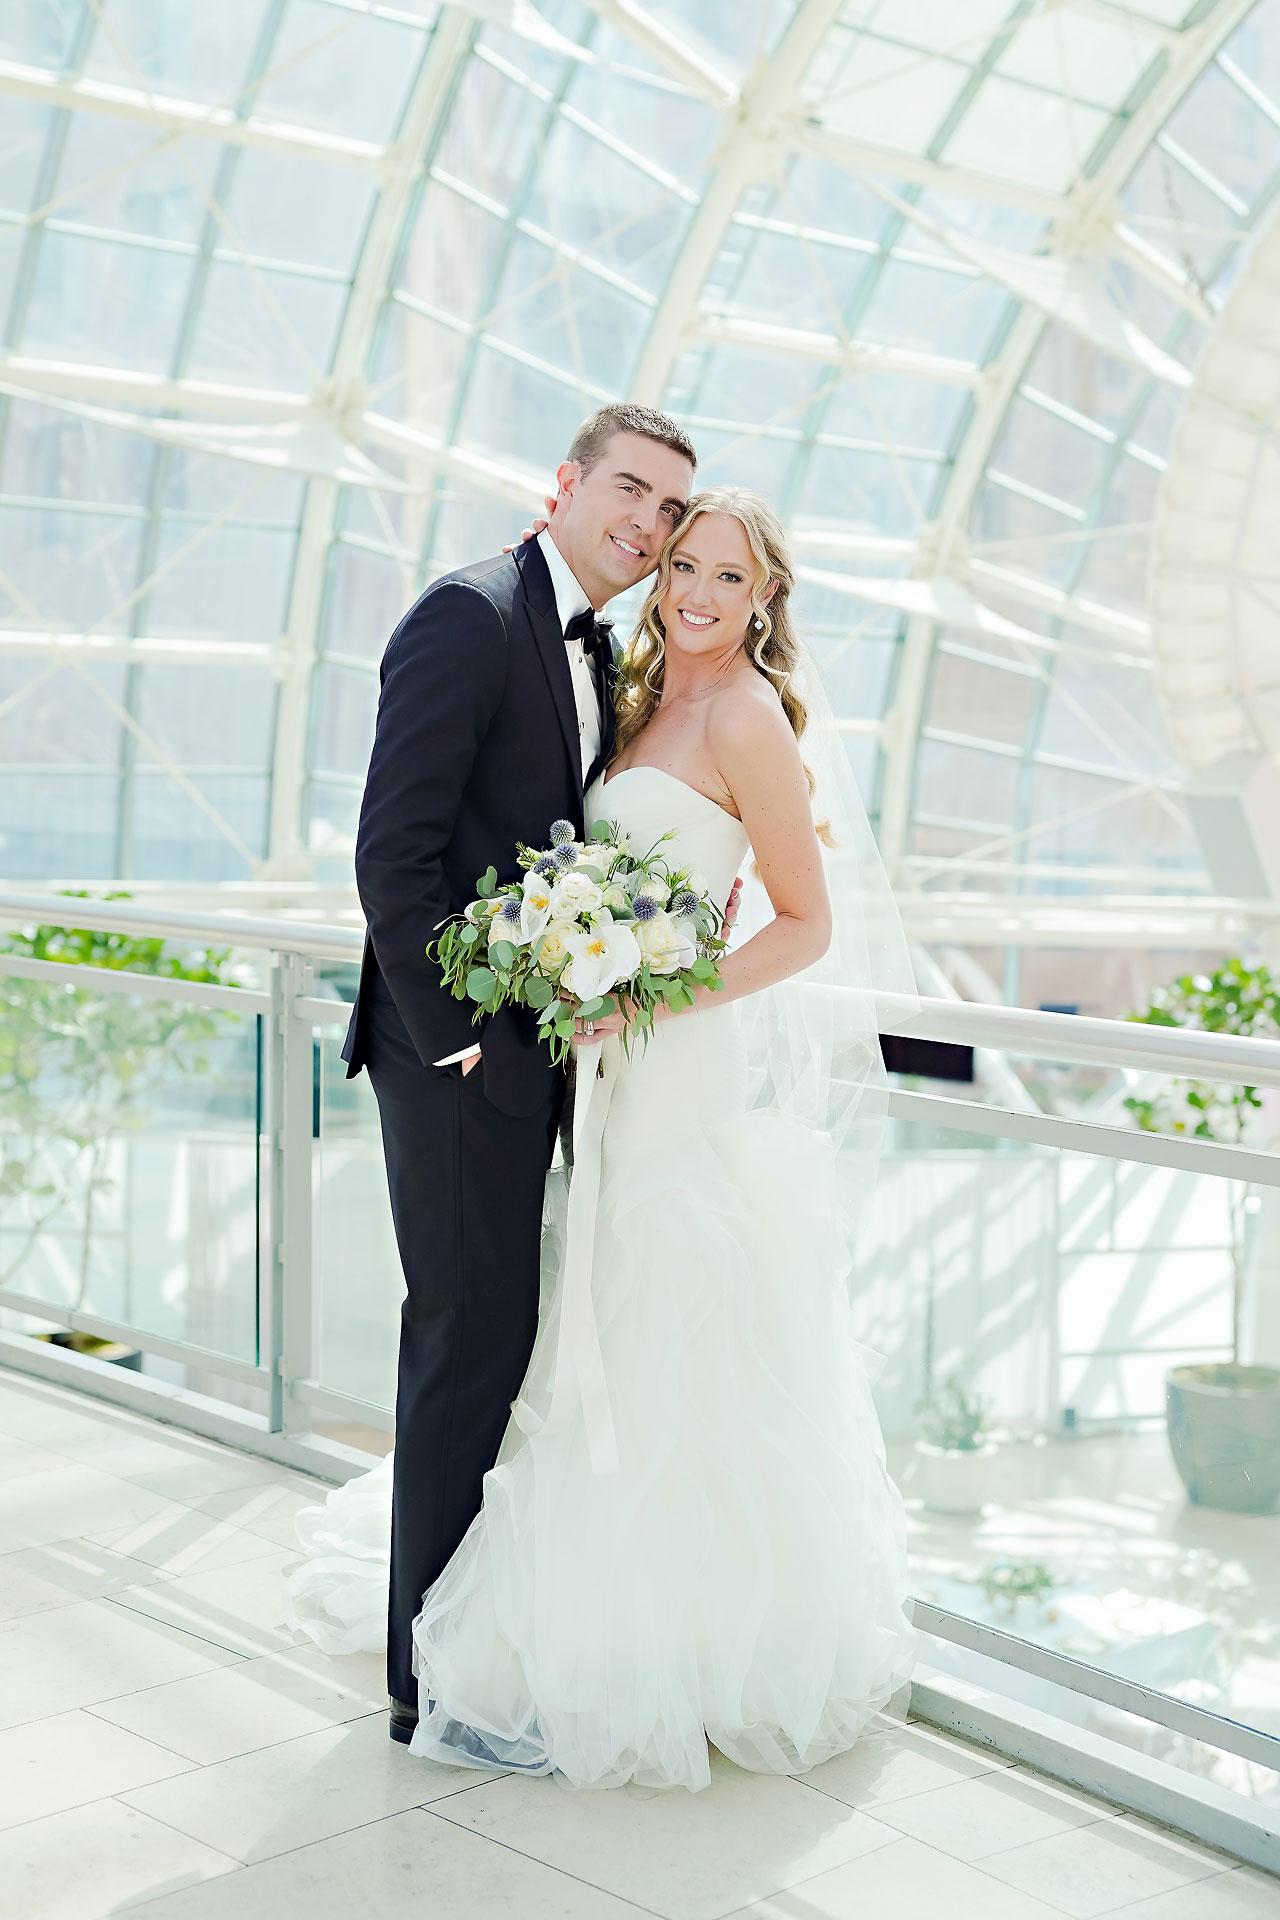 Liz Zach Conrad Artsgarden Indianapolis Wedding 171